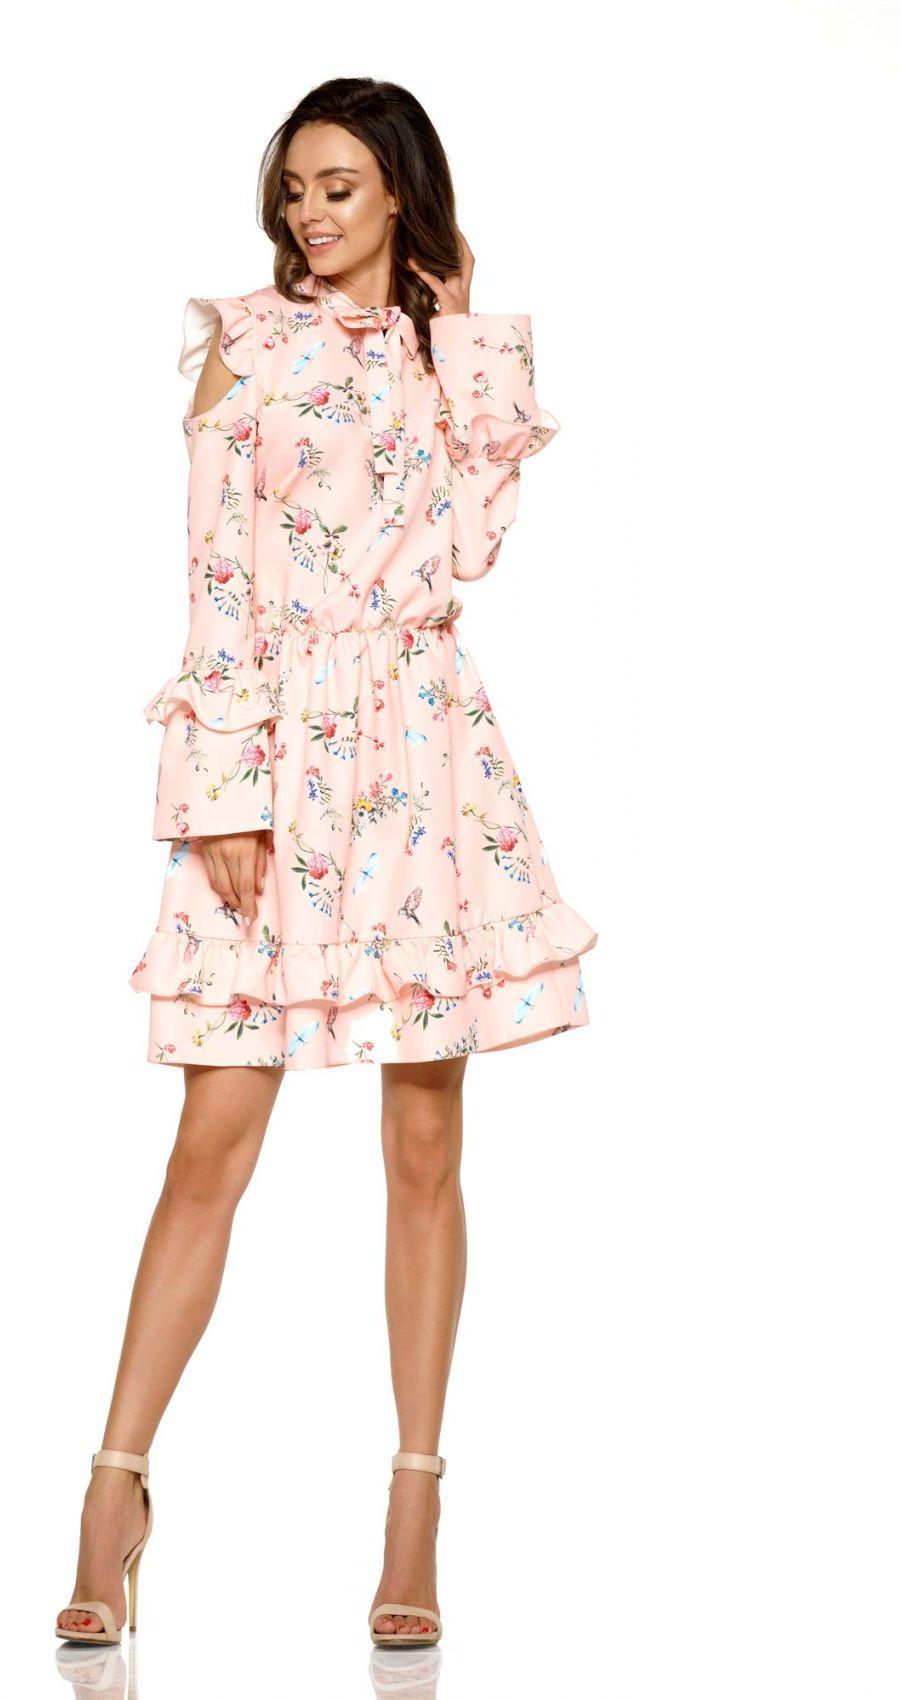 Modna sukienka z wyciętymi ramionami L276 pudrowy róż w kwiatki